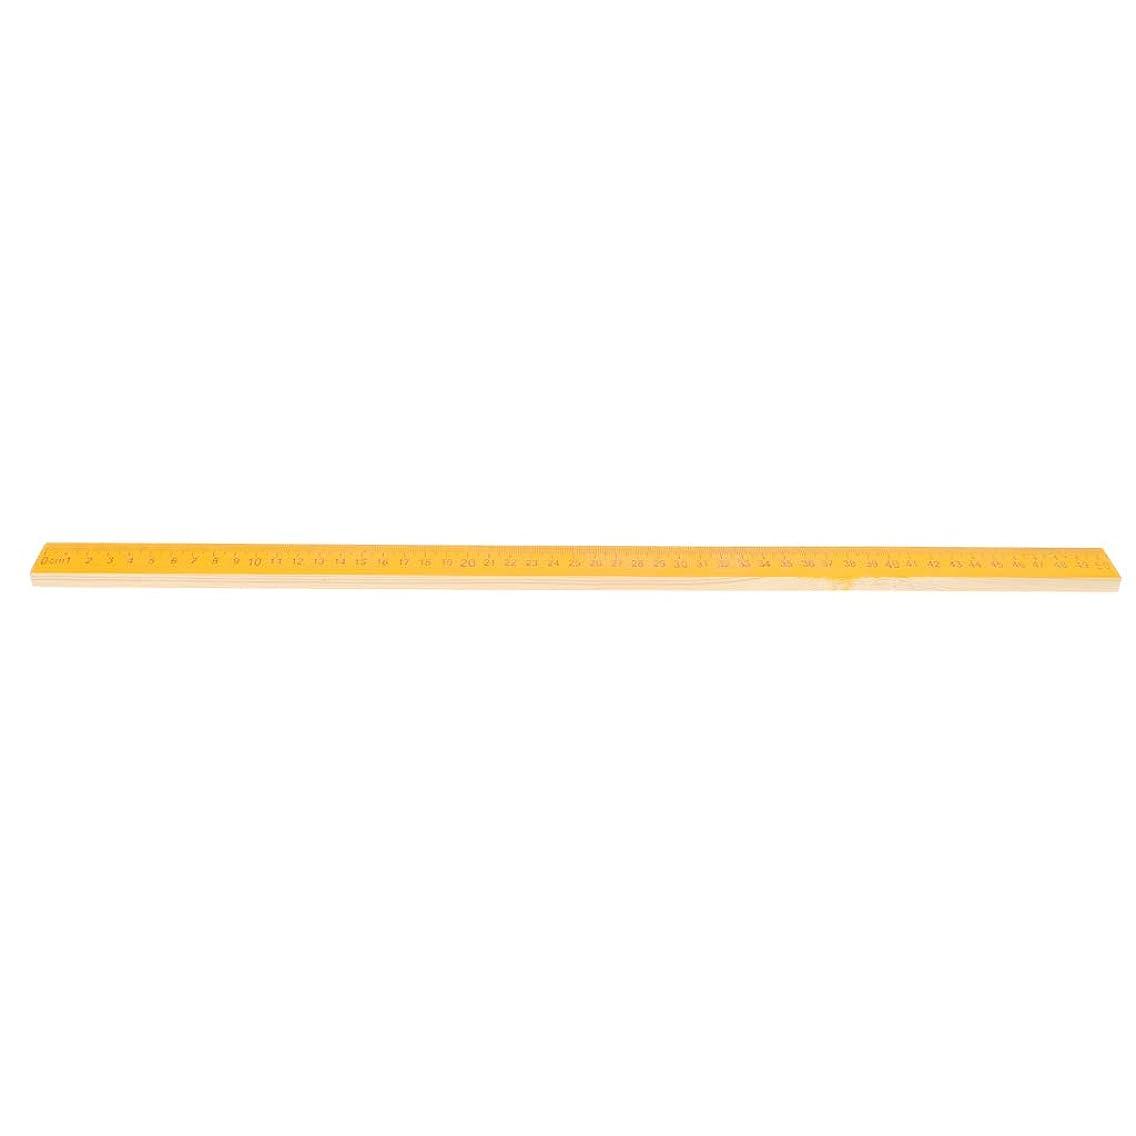 テクニカル雑品ダム全2サイズ メートルスケール 定規 ルーラー ウッド製 文房具 黒板 教授ツール - 50cm